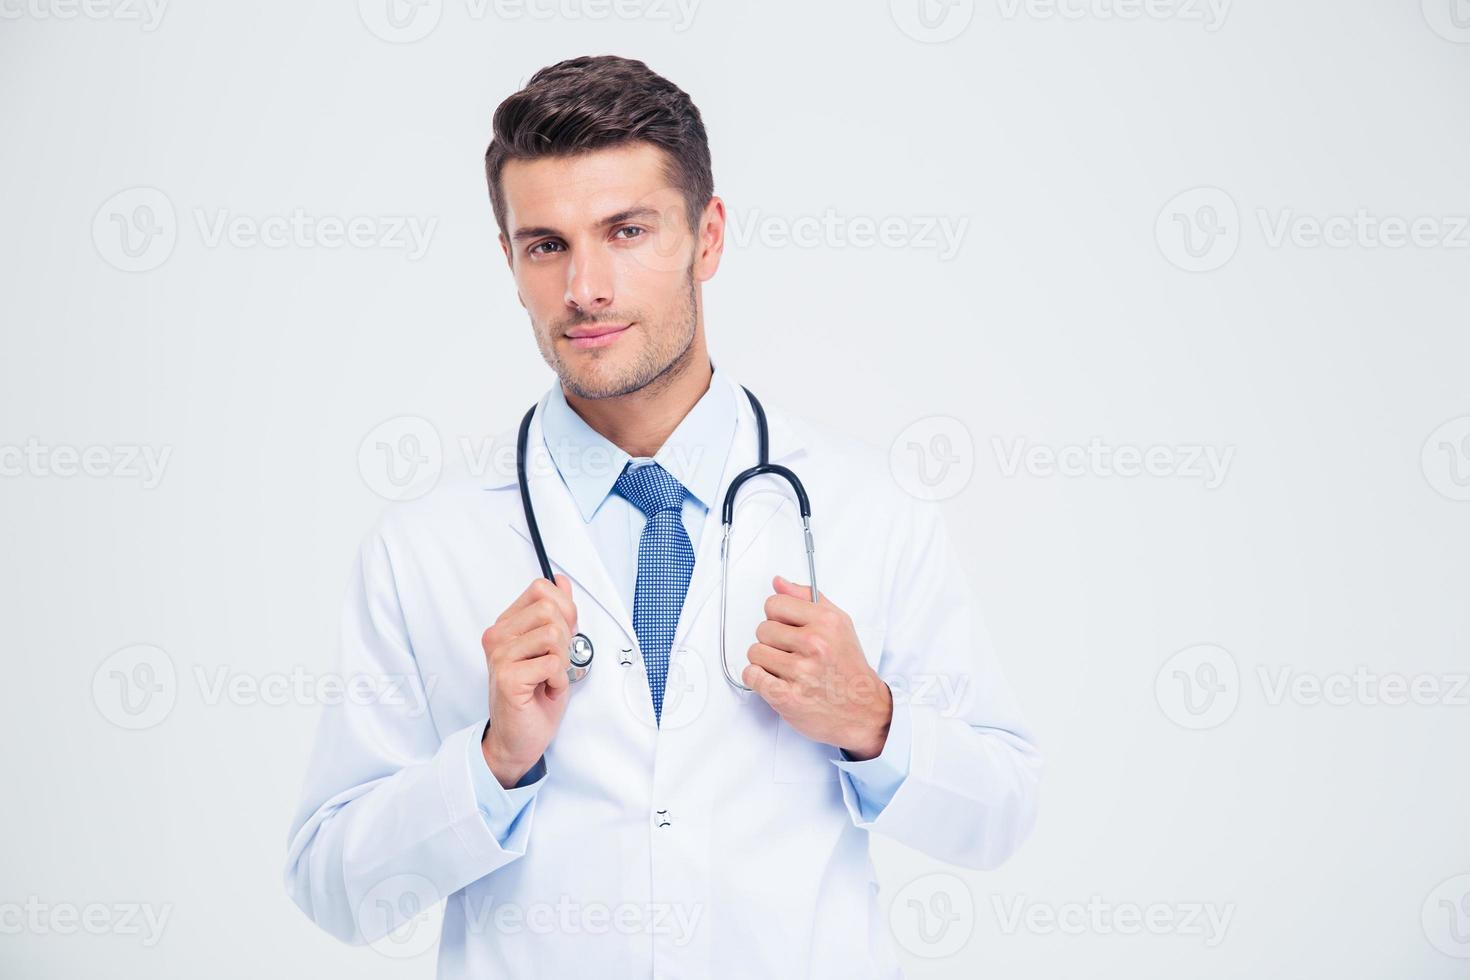 Porträt eines männlichen Arztes, der mit Stethoskop steht foto